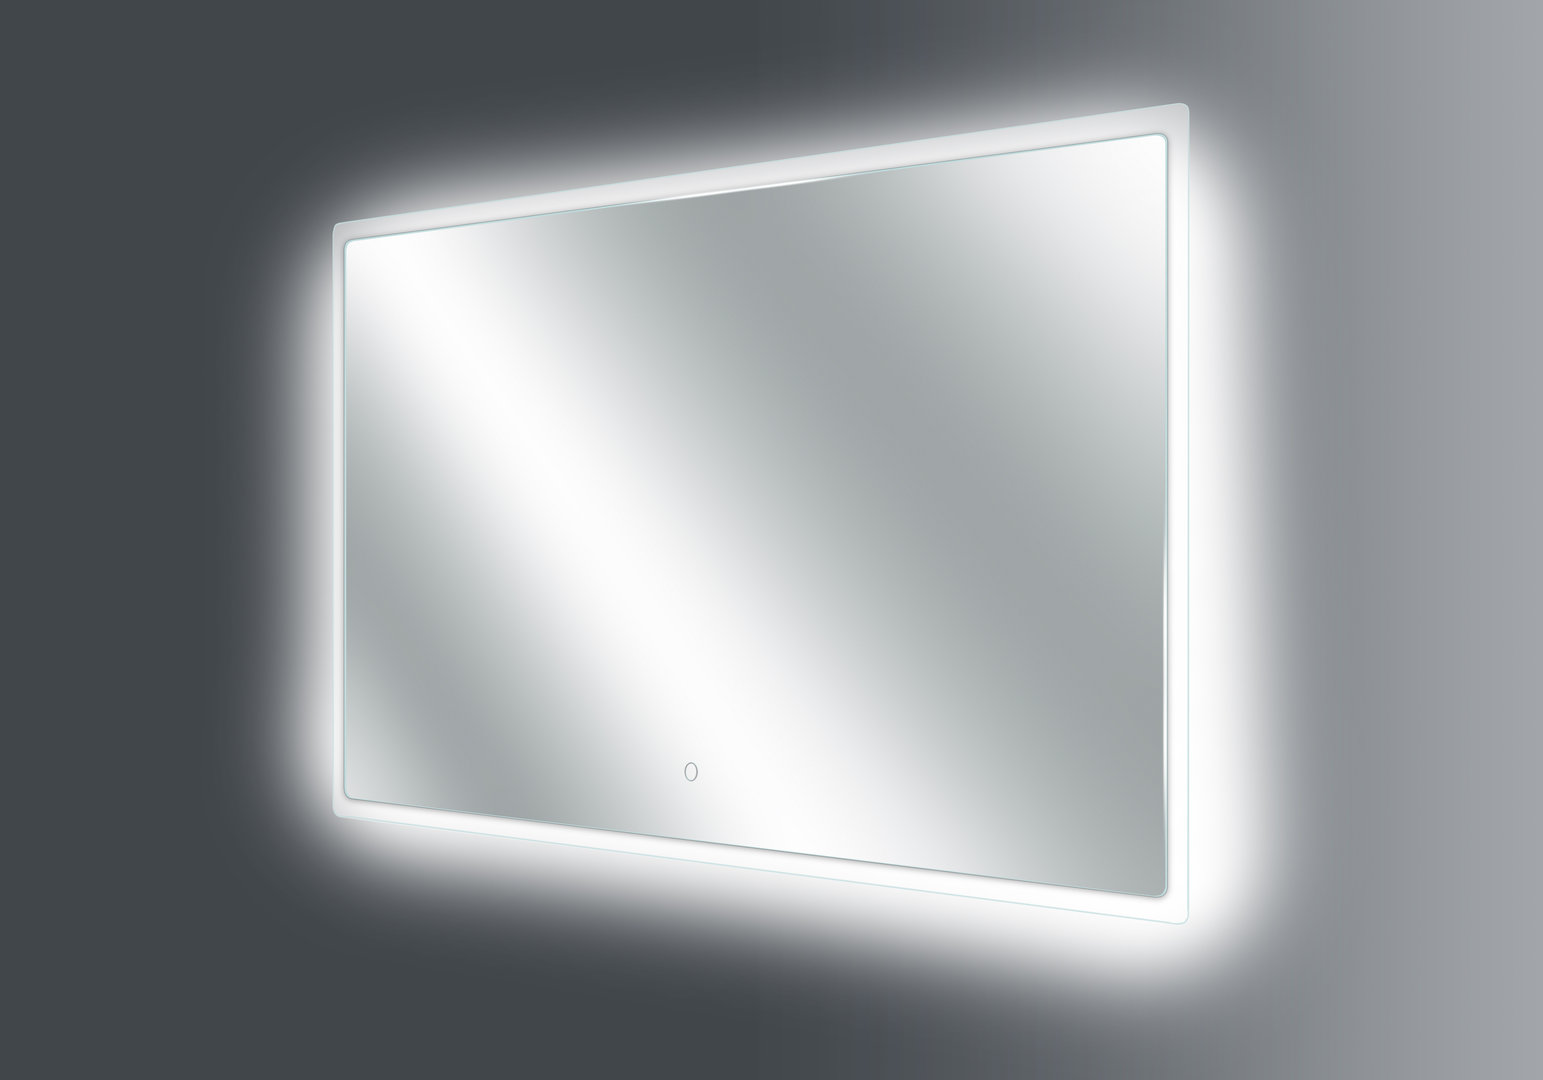 thebalux brigth led spiegel heizung 3 lichtstufen 100x60cm nano. Black Bedroom Furniture Sets. Home Design Ideas